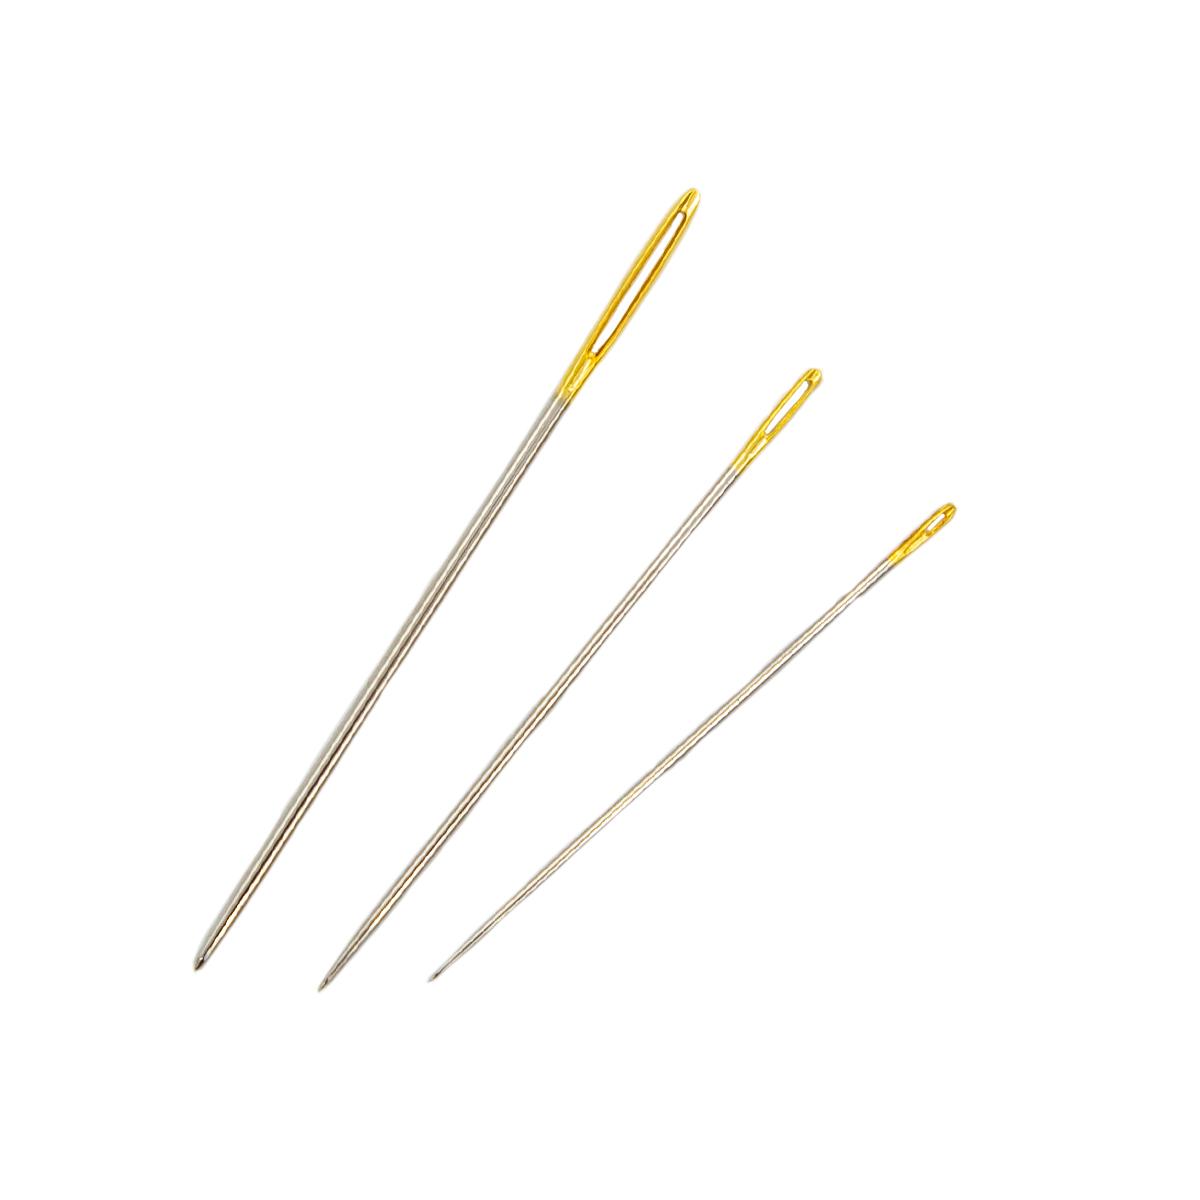 120110/g Иглы для шитья и рукоделия 'Ассорти', упак./30 шт., Hobby&Pro